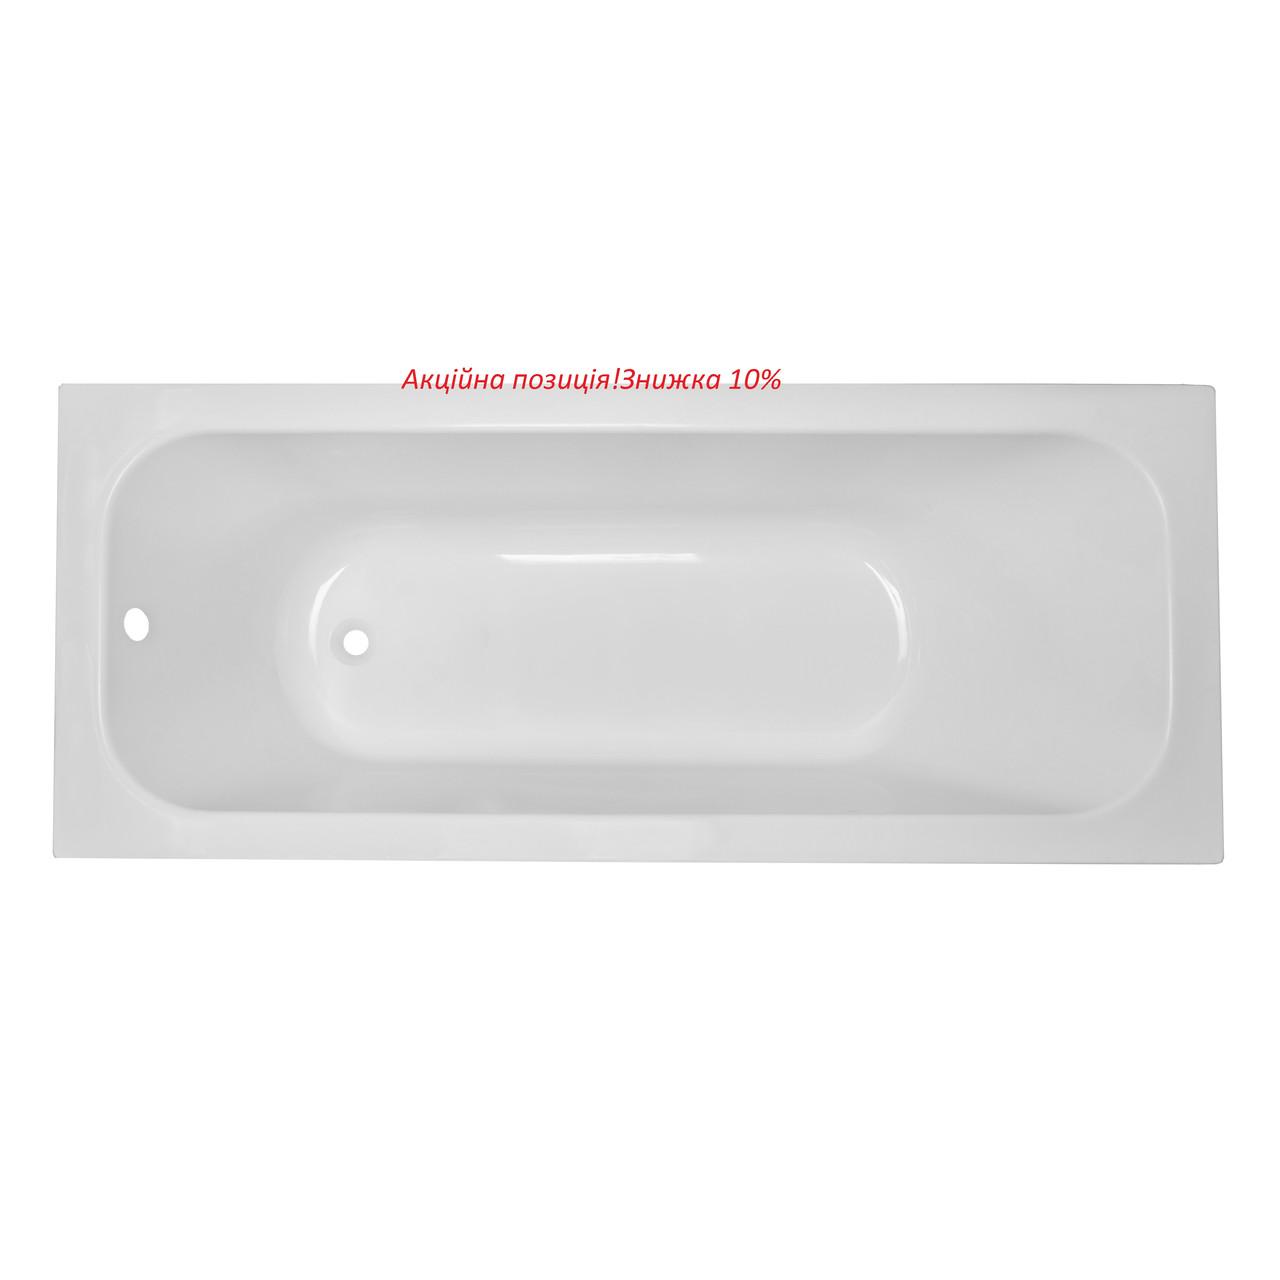 Нужно дешевле? Звоните. Volle ALTEA 170*70 Ванна акриловая, TS-1770448